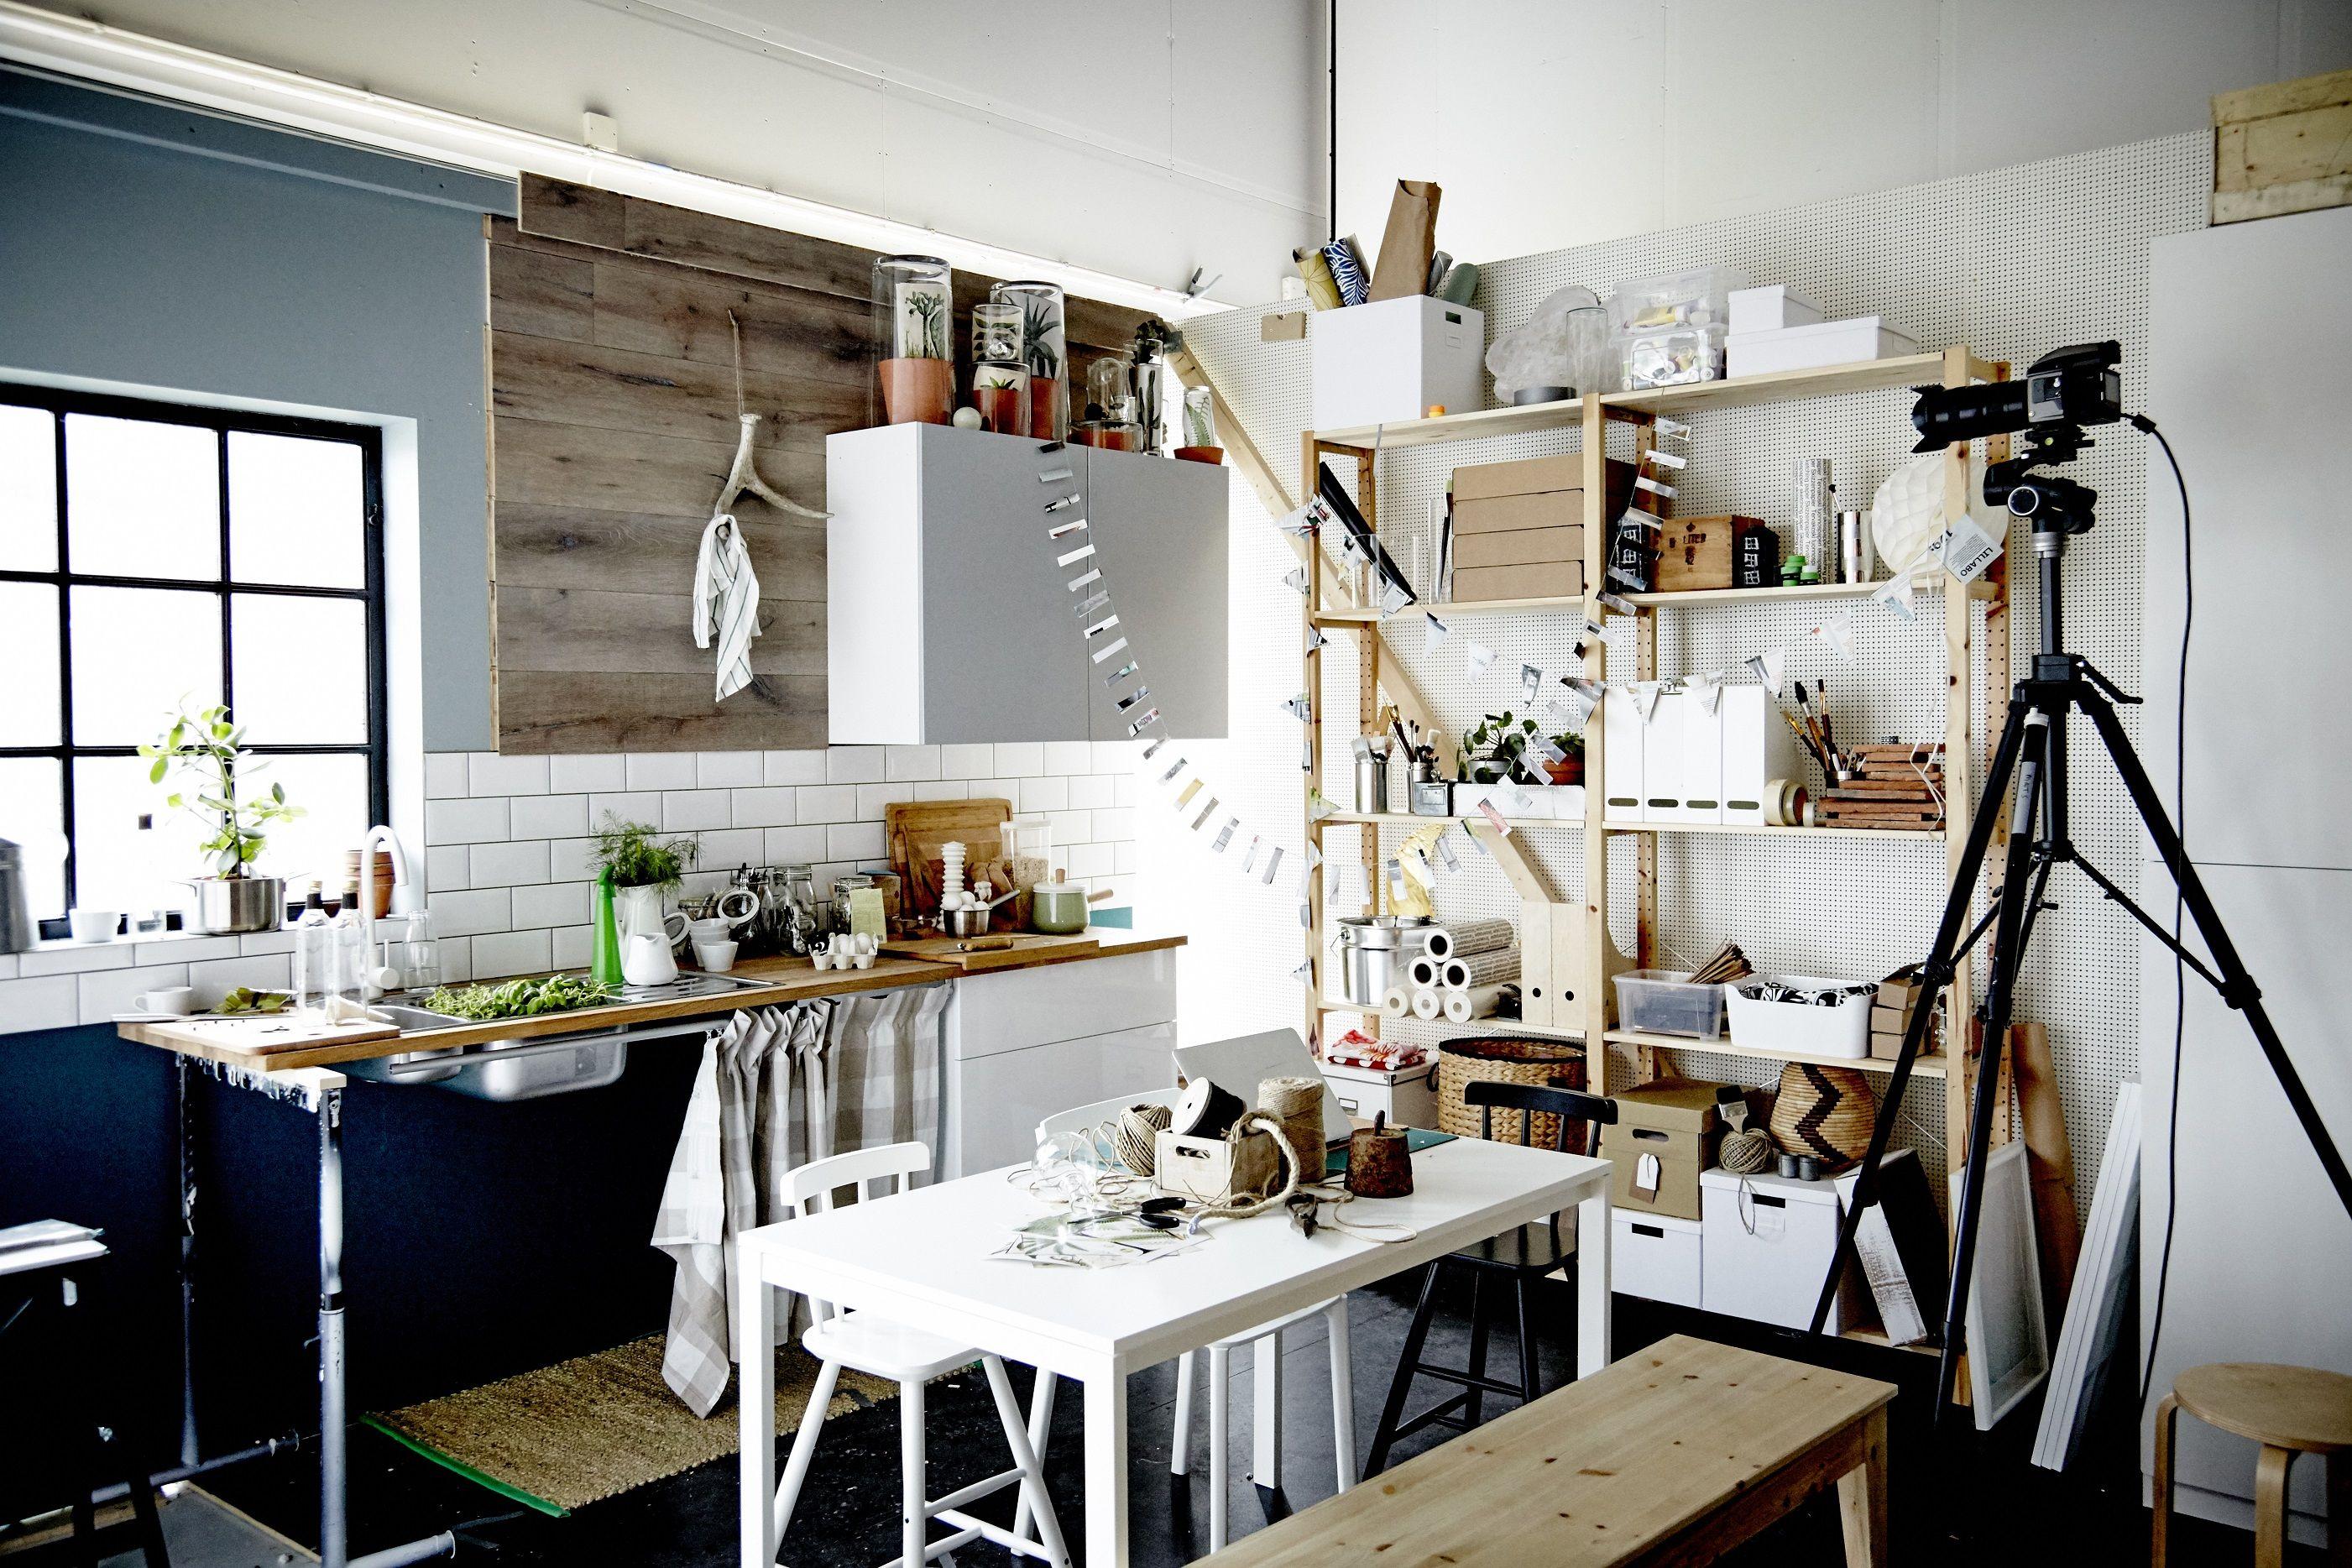 Metod Keuken Ikea : Metod keuken ikea ikeanl inspiratie interieur koken